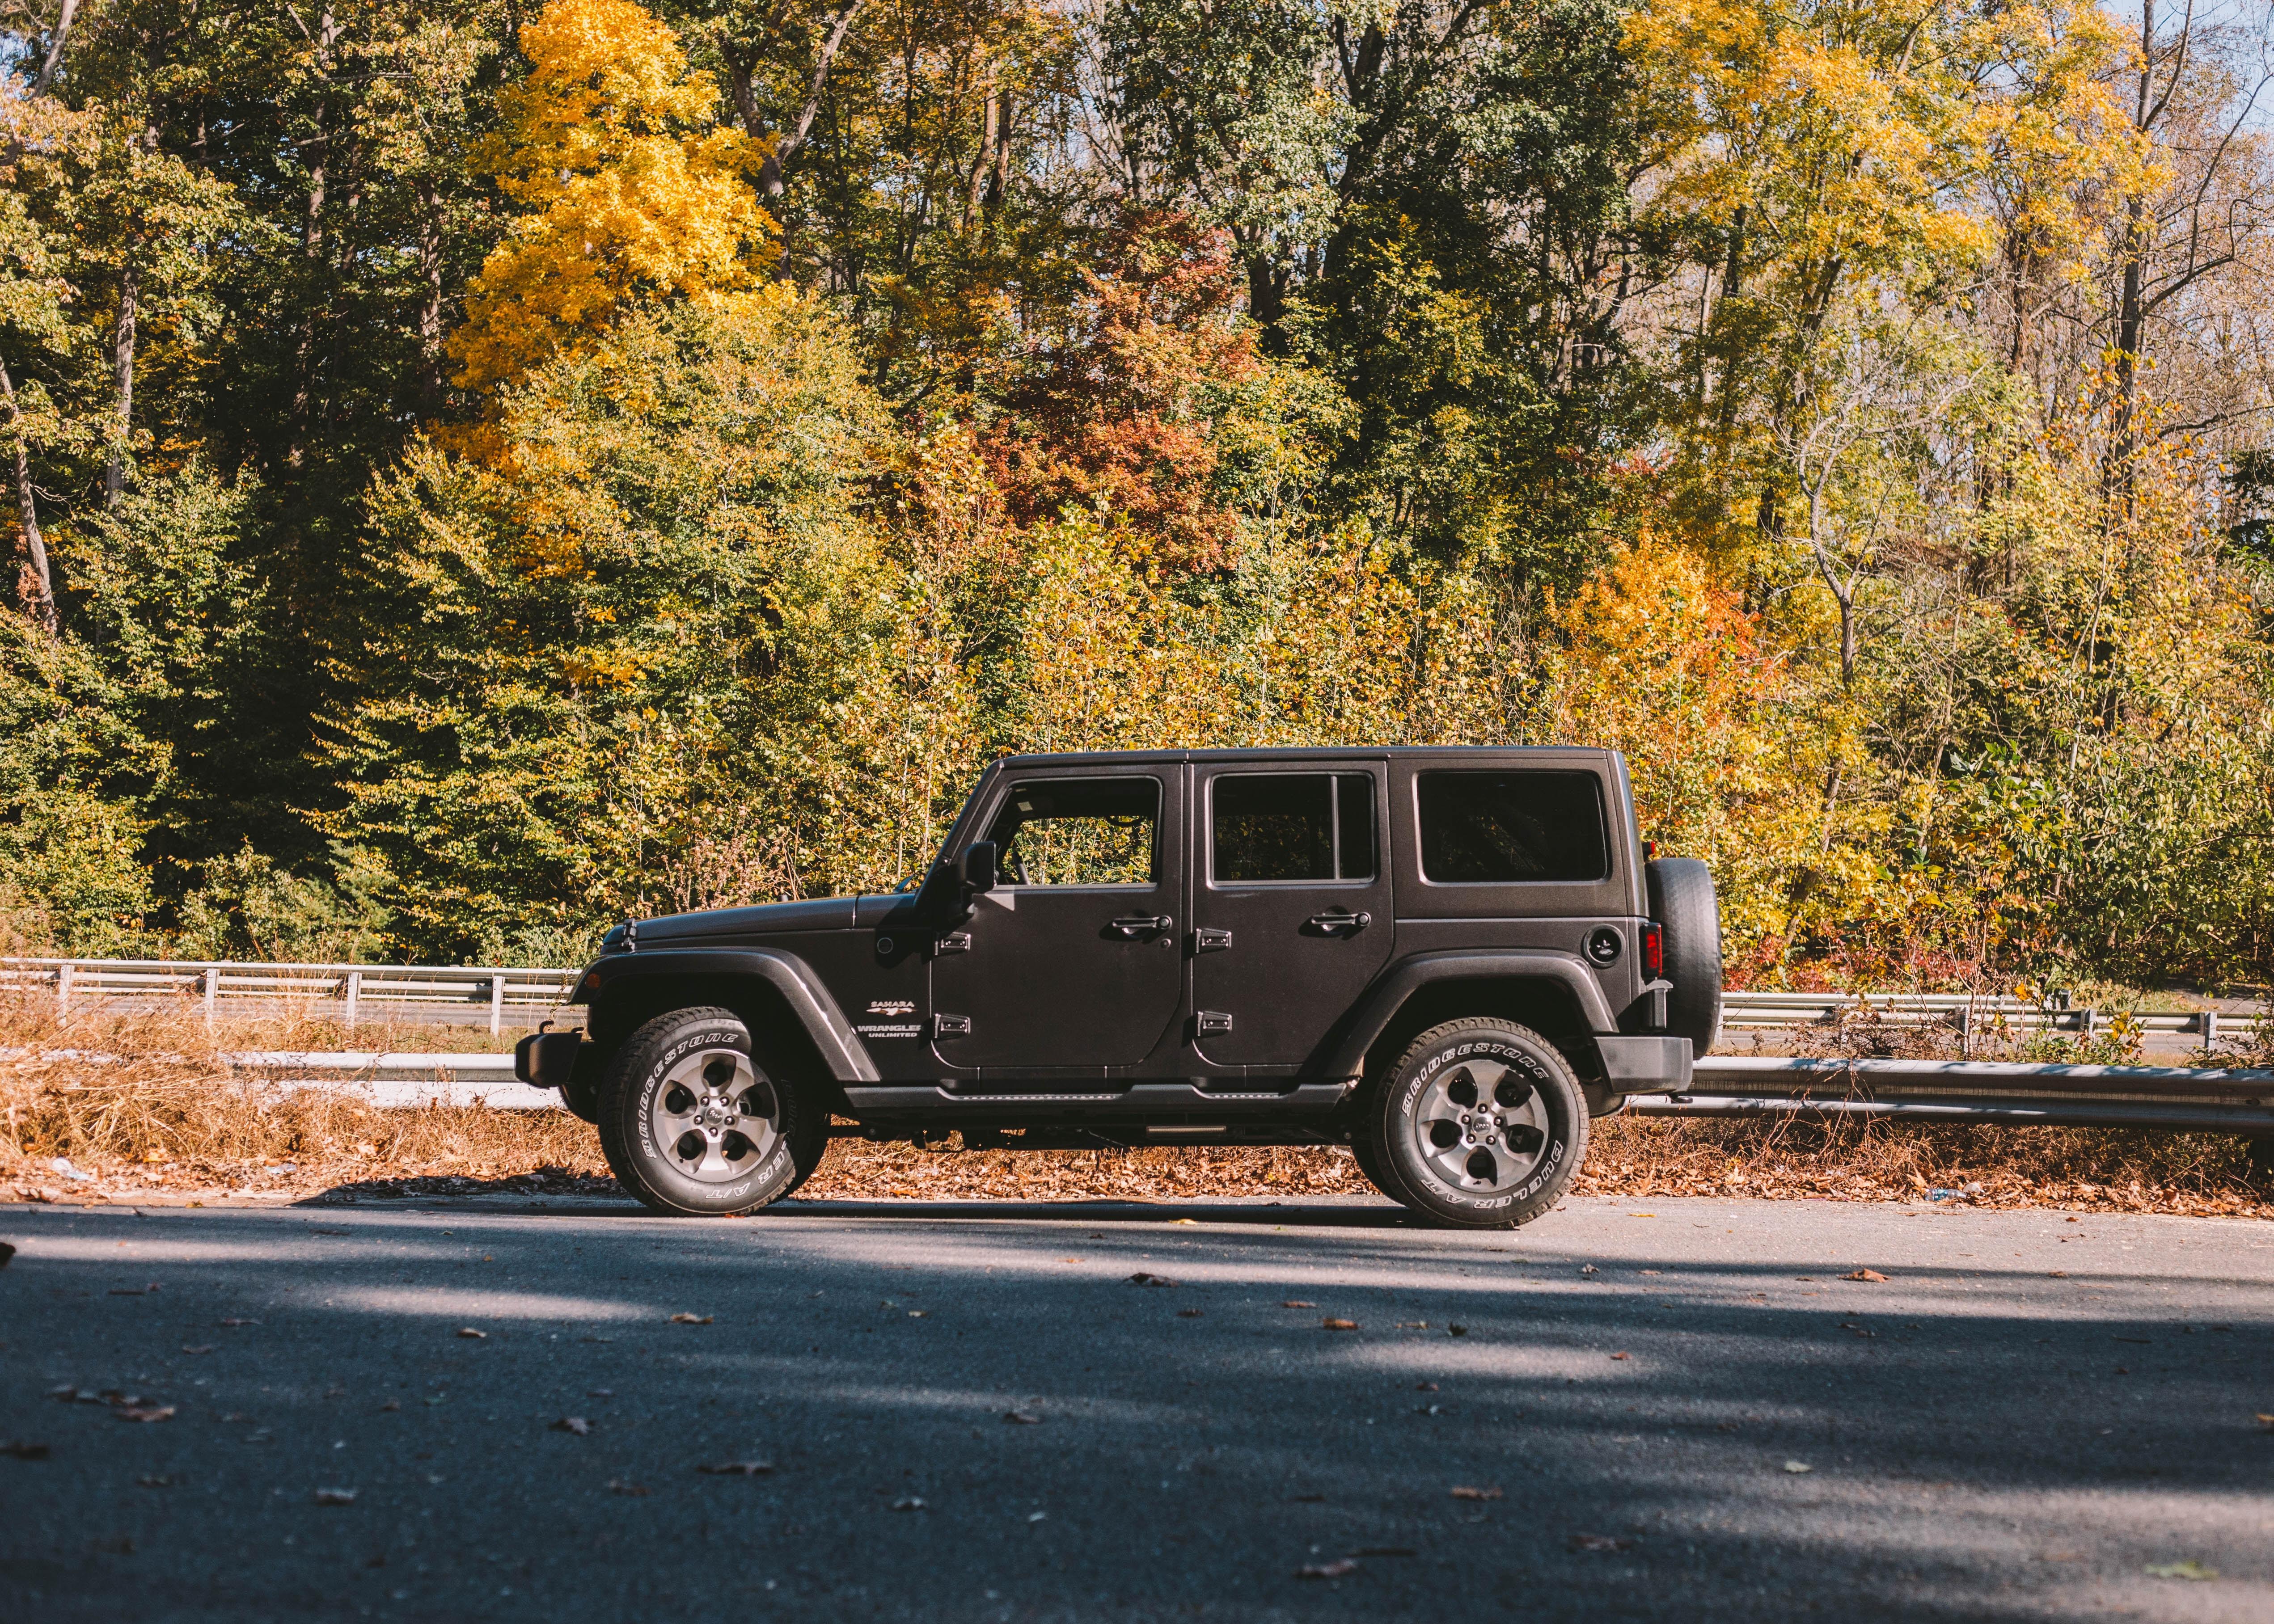 black SUV outdoor